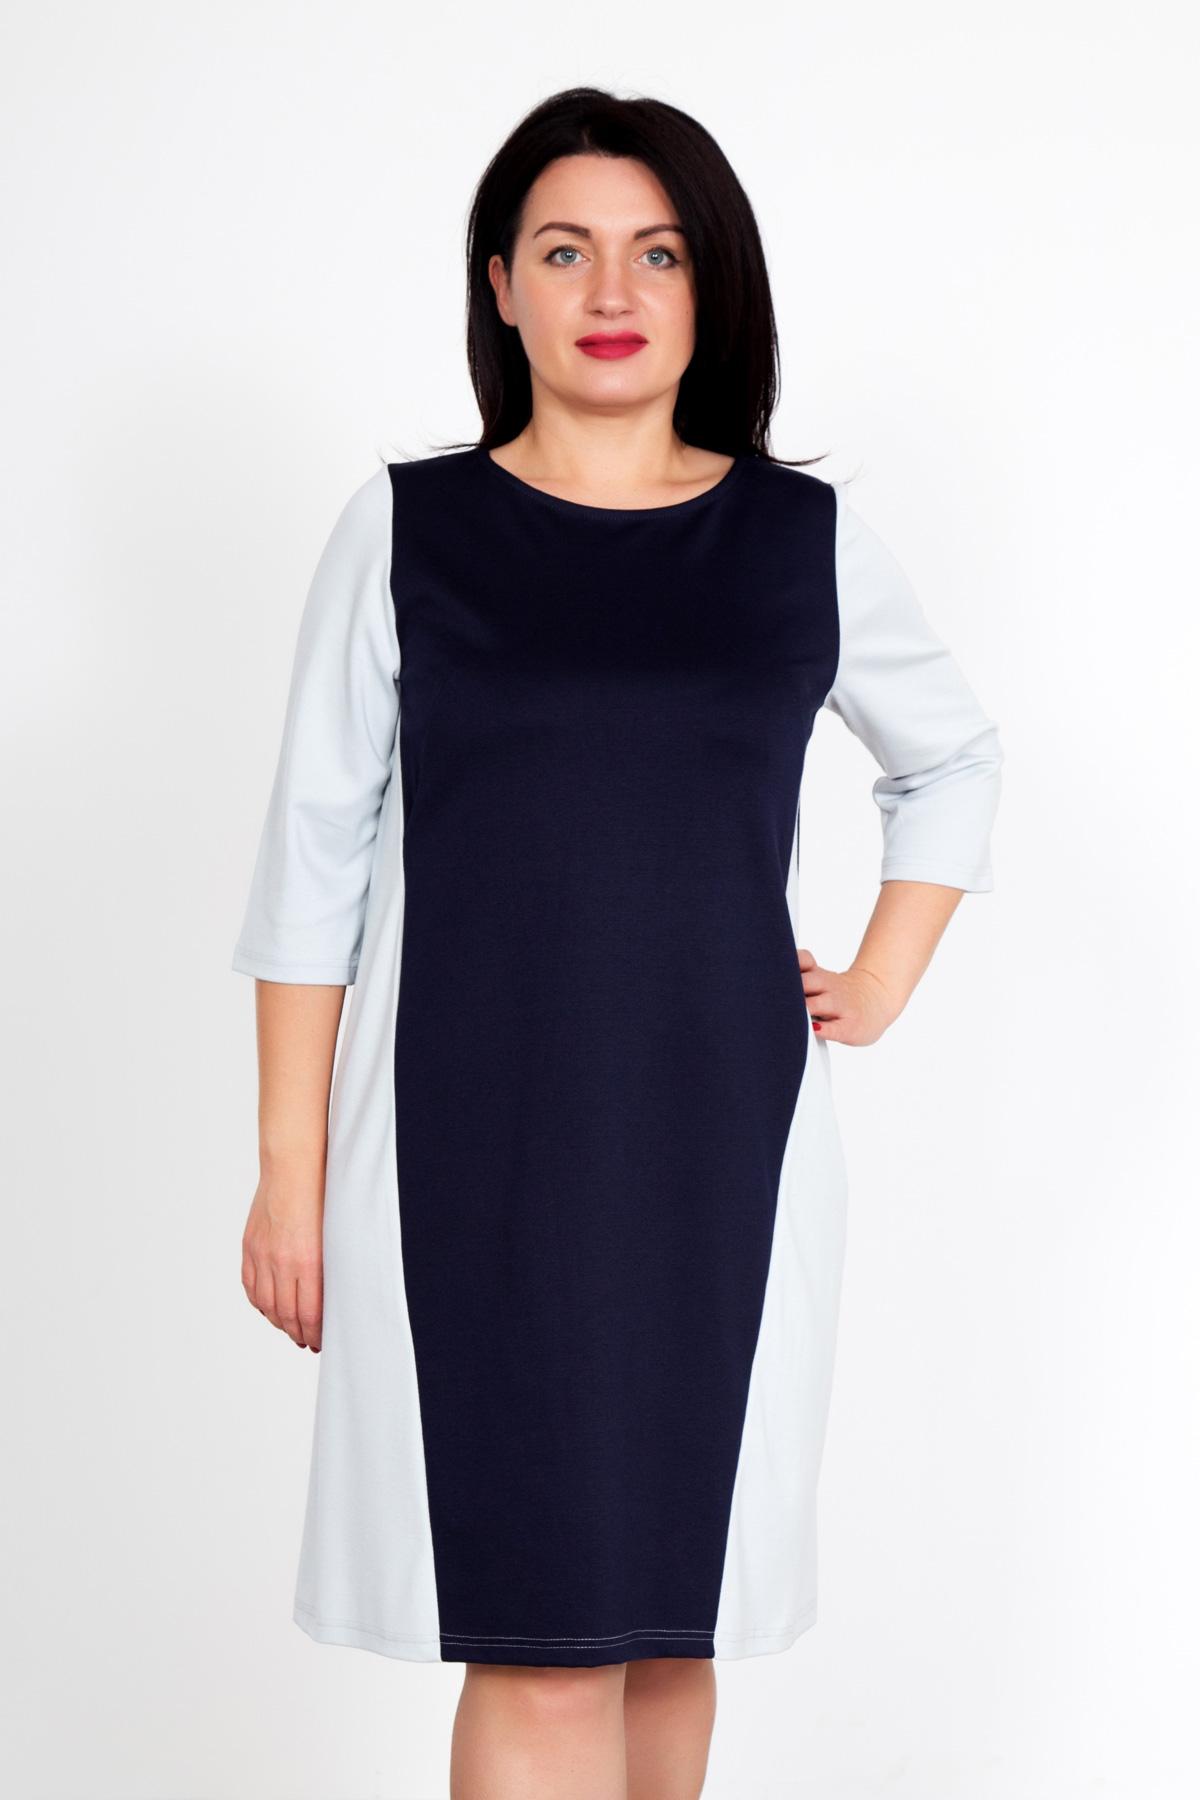 Жен. платье Бренда Синий р. 52Платья<br>Обхват груди: 104 см <br>Обхват талии: 85 см <br>Обхват бедер: 112 см <br>Длина по спинке: 94 см <br>Рост: 167 см<br><br>Тип: Жен. платье<br>Размер: 52<br>Материал: Милано